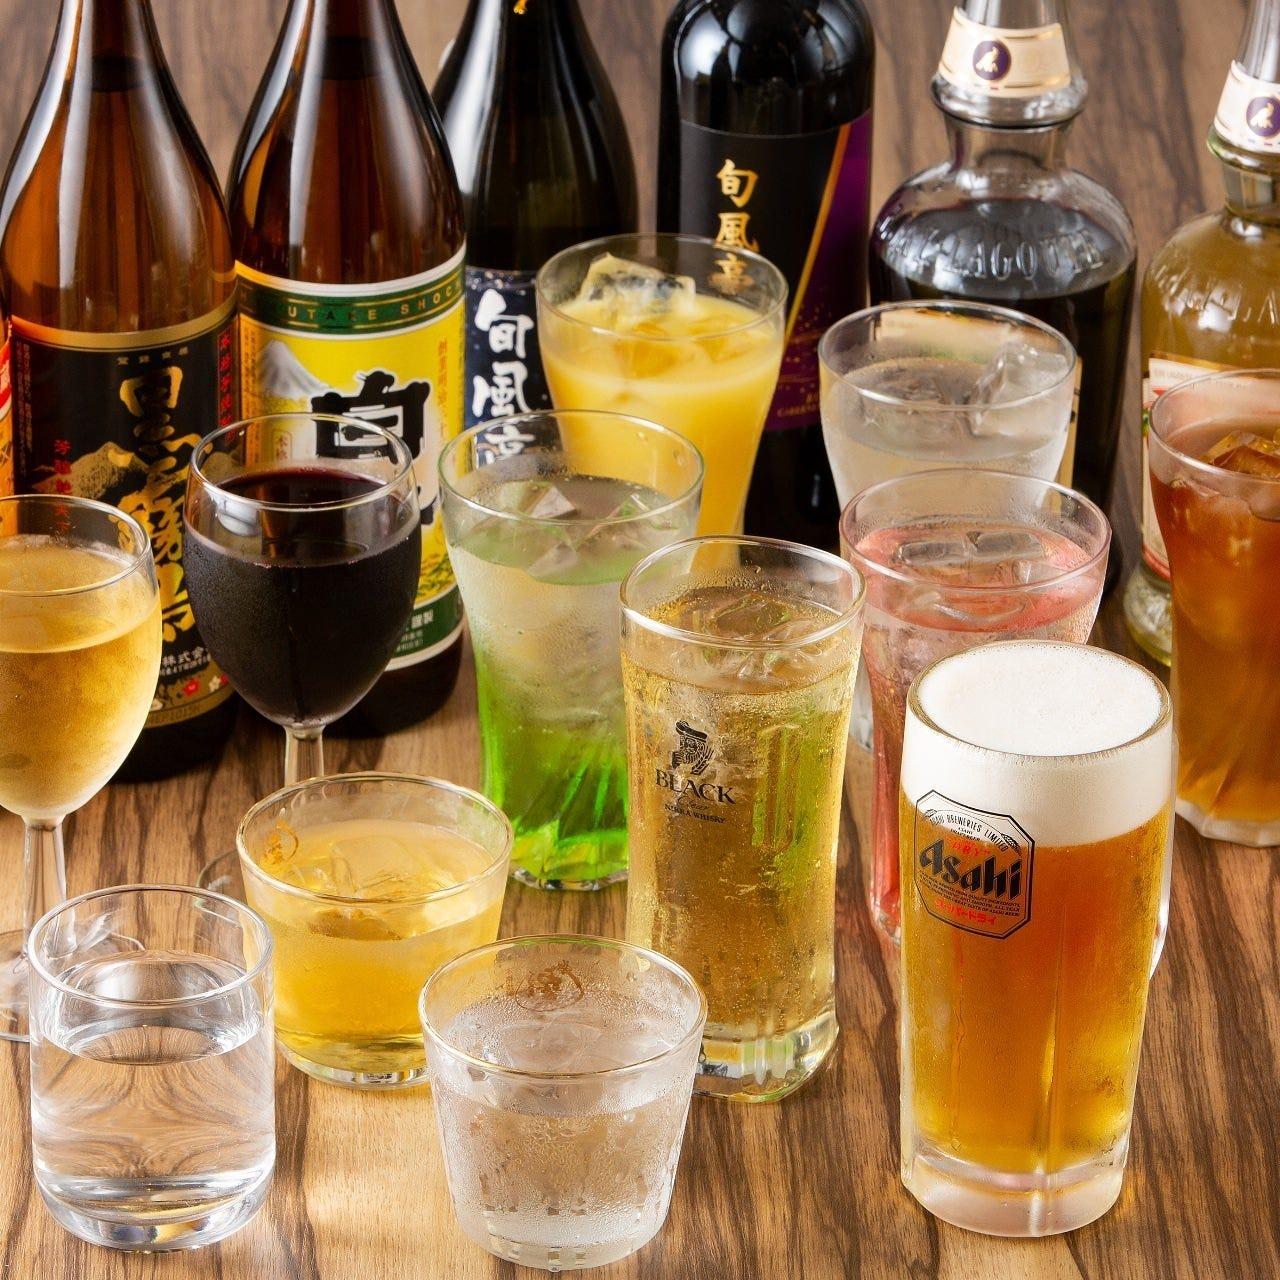 生ビールをはじめ日本酒や焼酎・果実酒などバラエティ豊か